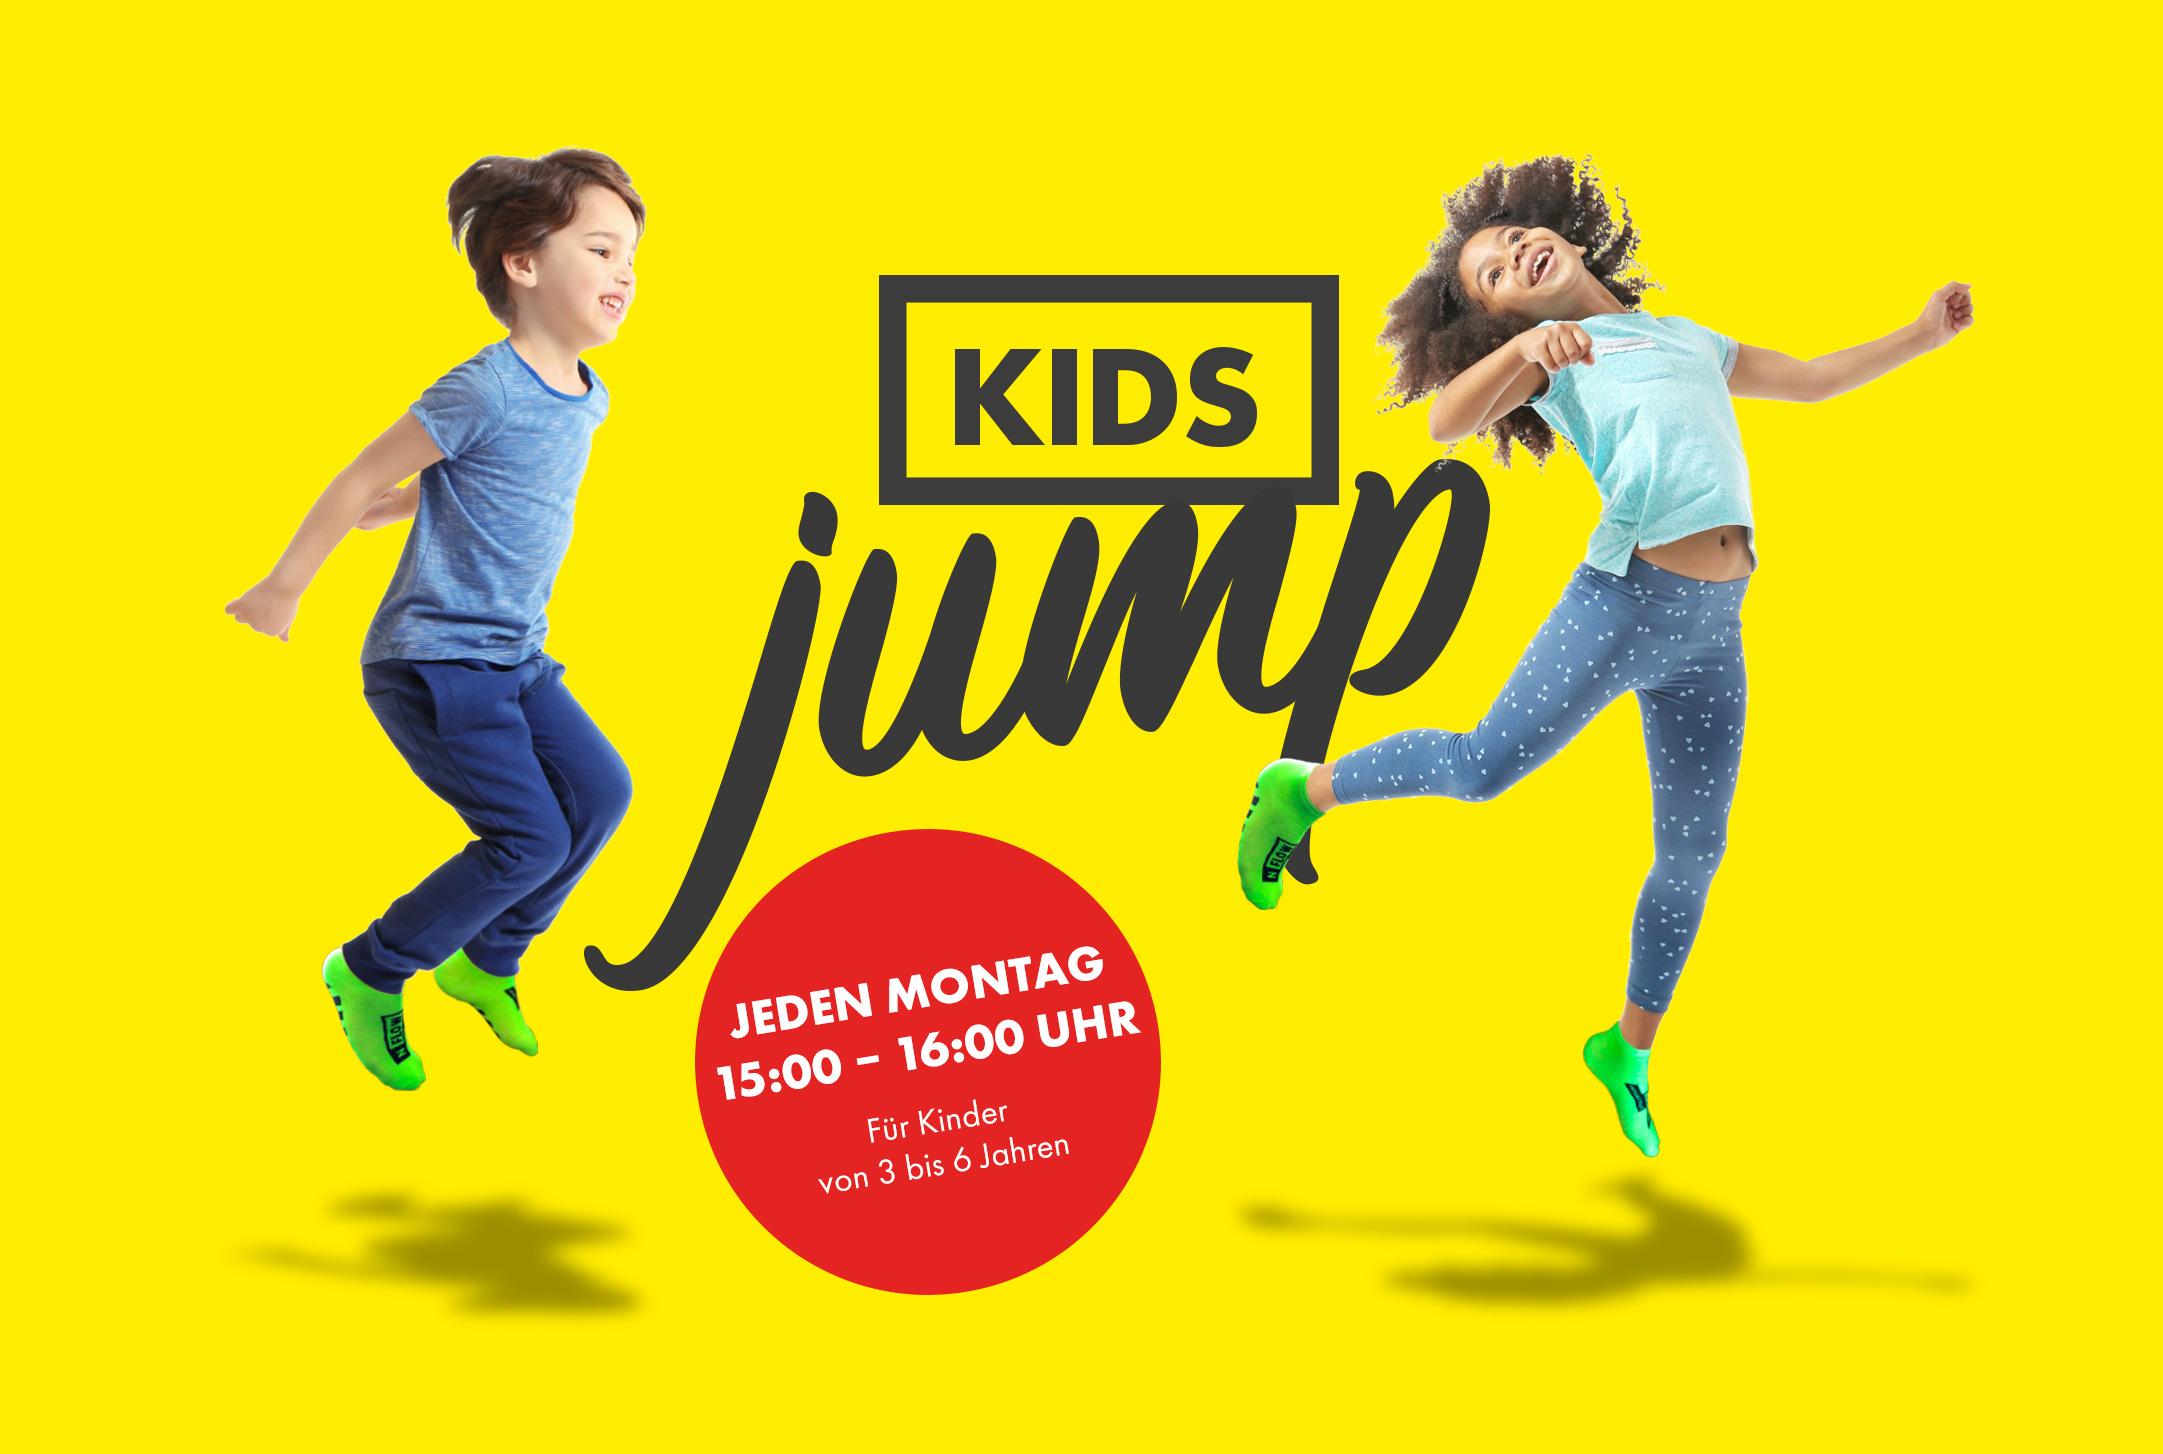 Jeden Montag: Kids Jump für Kinder zwischen 3 und 6 Jahren.